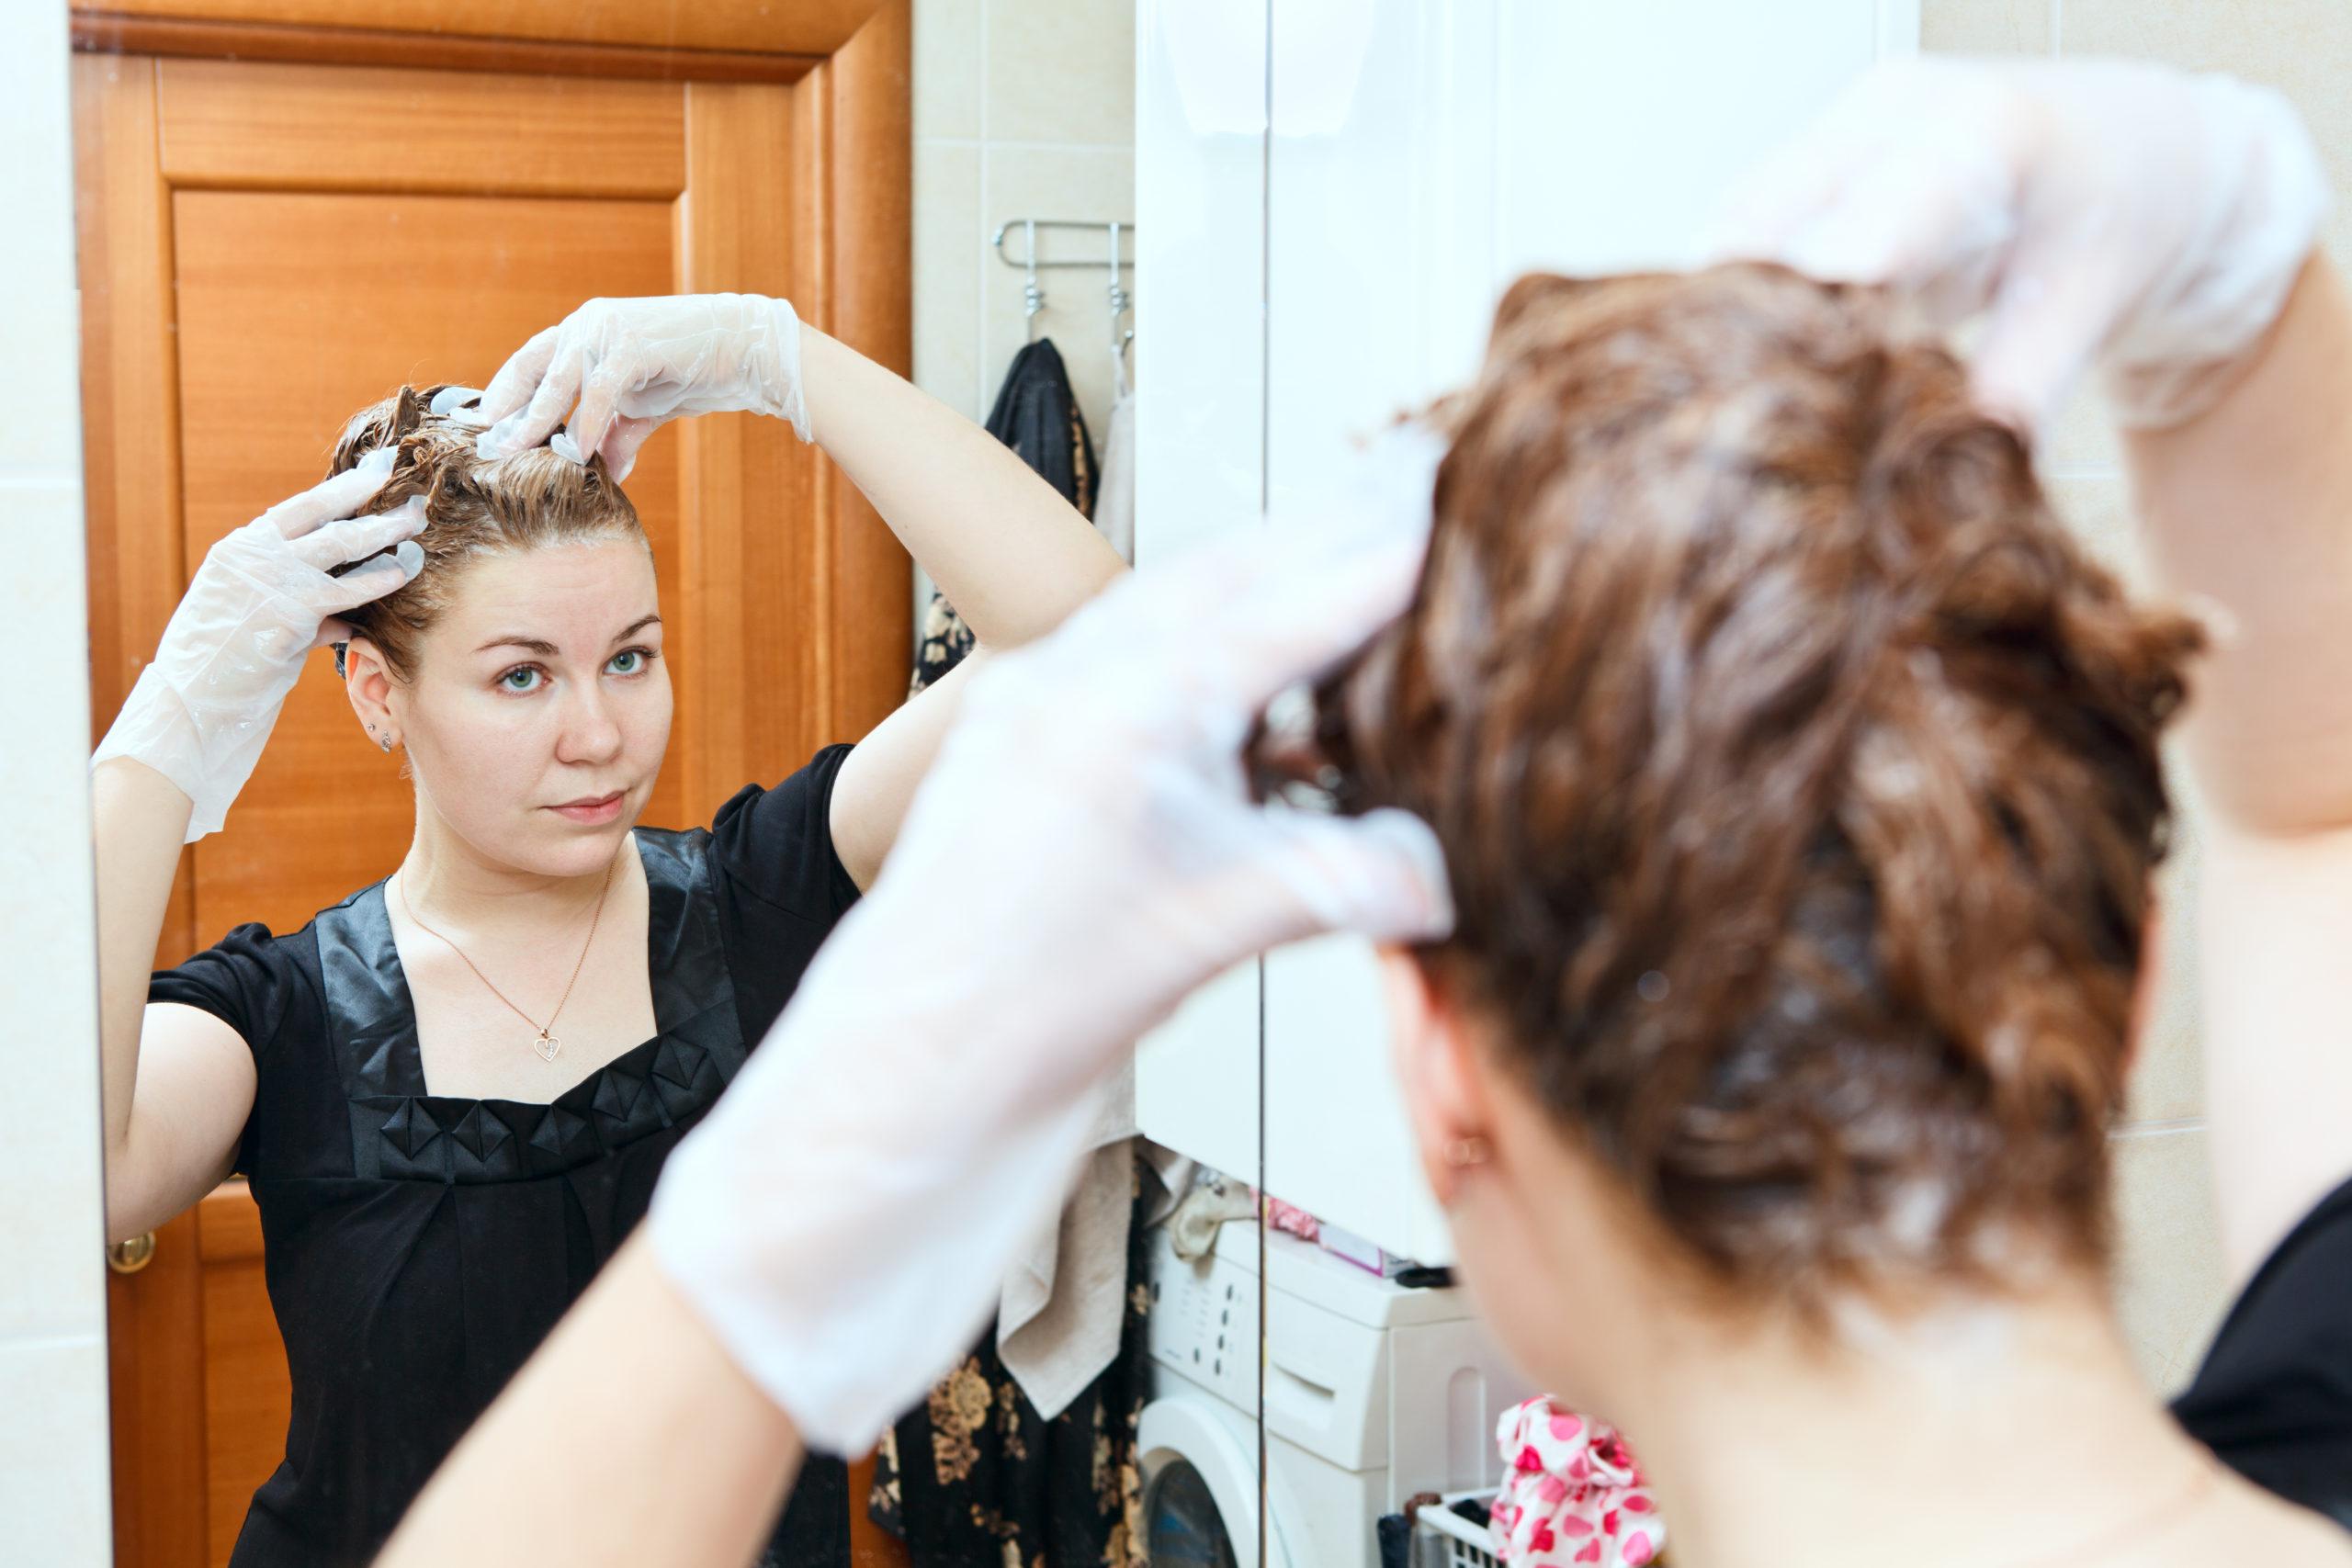 Jak na barvení vlasů doma? Hlavně vždy barvěte pouze odrosty, nebo zkracujte dobu barvení dříve obarvených vlasů.